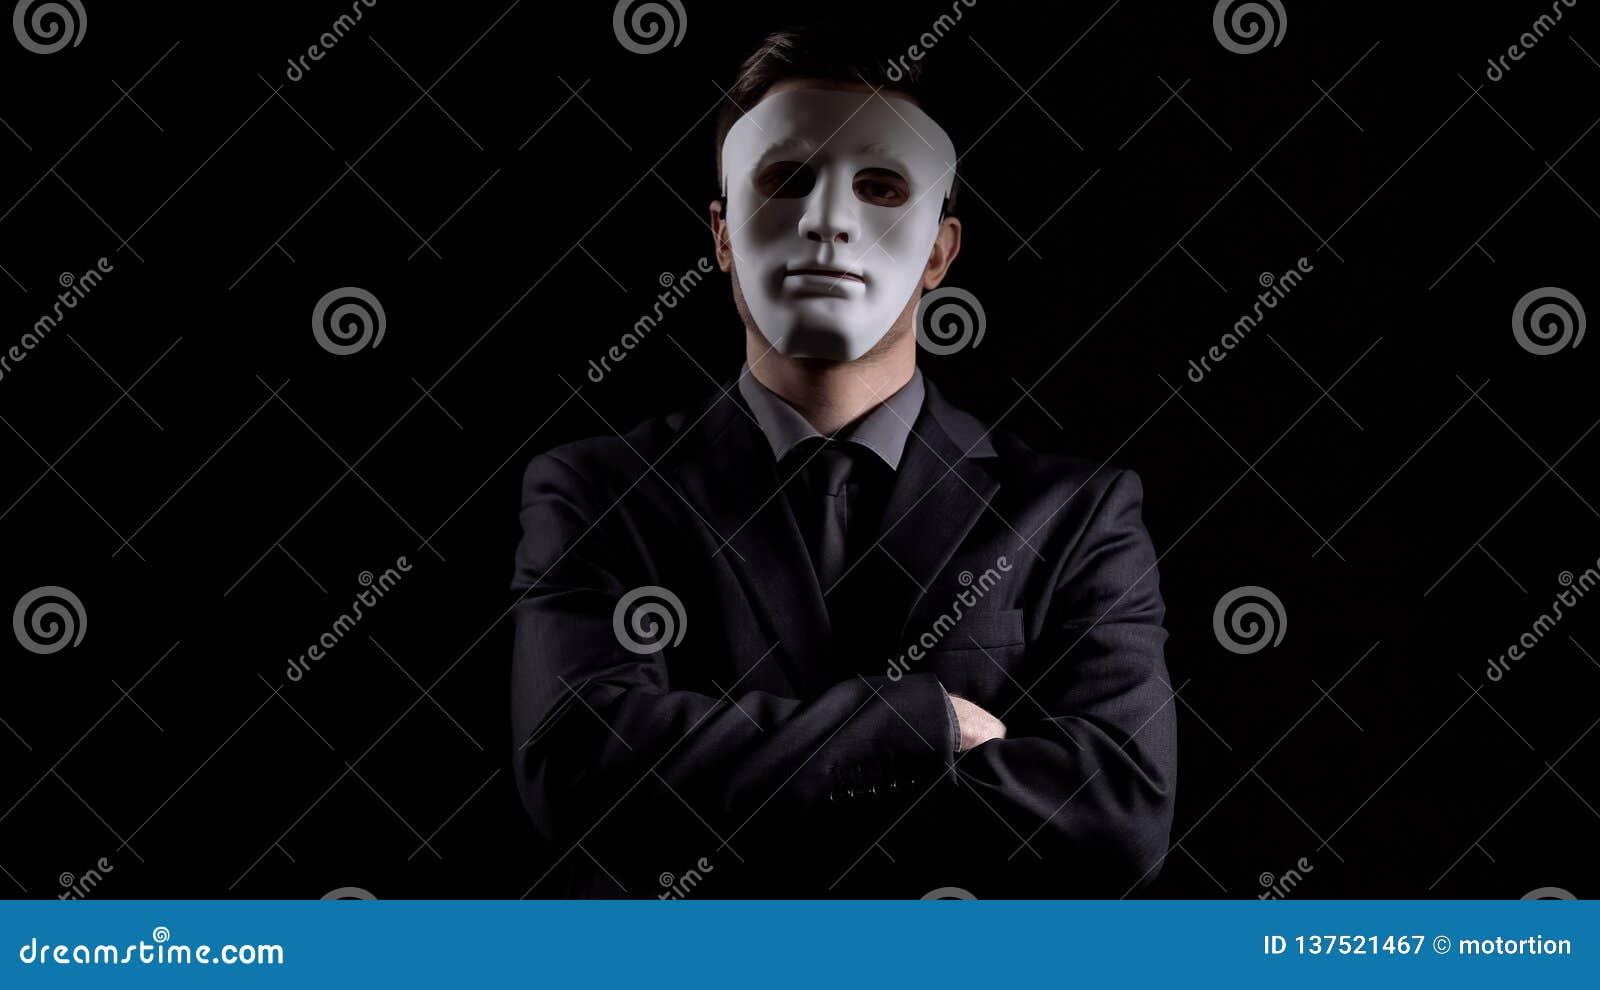 Anonimowy mężczyzna w garnituru falcowania rękach, maskujący osobowość, chuje dochód